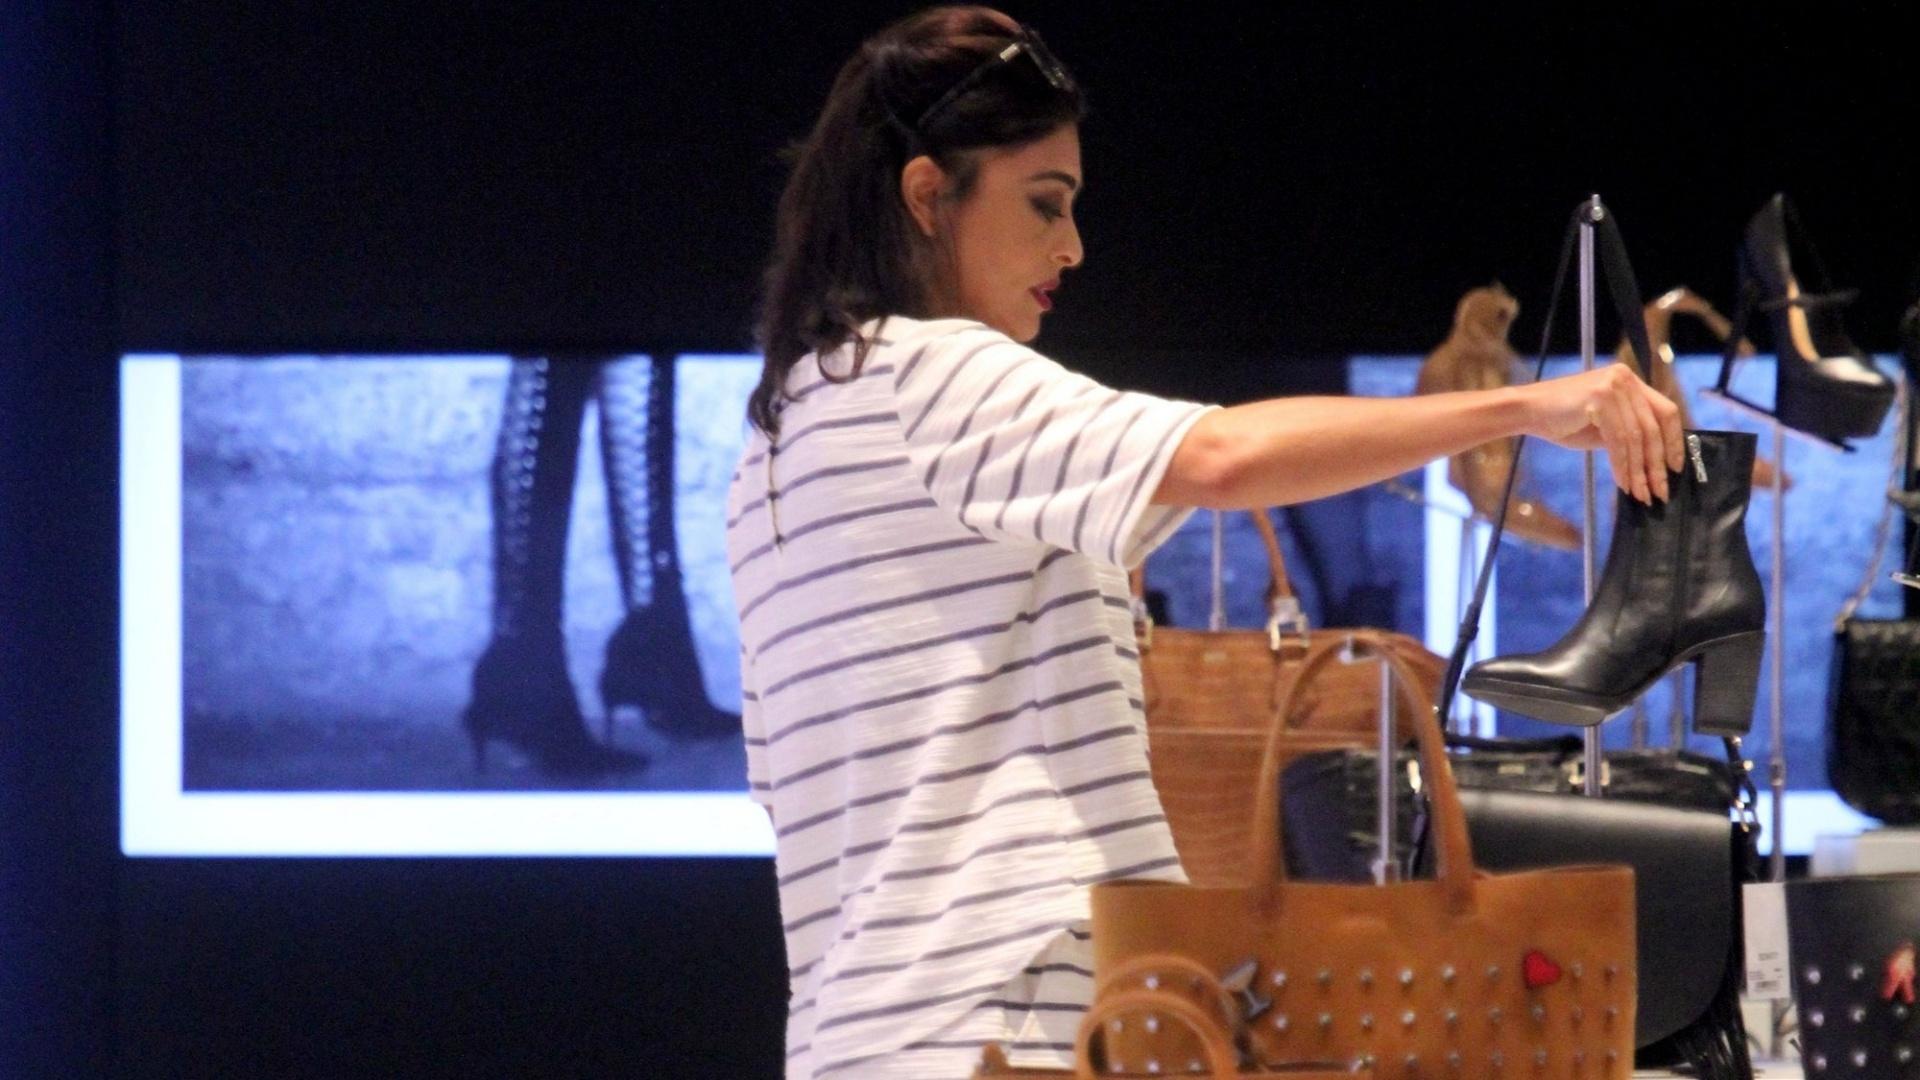 14.mar.2016 - A atriz Juliana Paes foi flagrada fazendo compras em um shopping do Rio de Janeiro. Juliana foi acompanhada do filho Pedro, de 5 anos, vestido com o uniforme de artes marciais